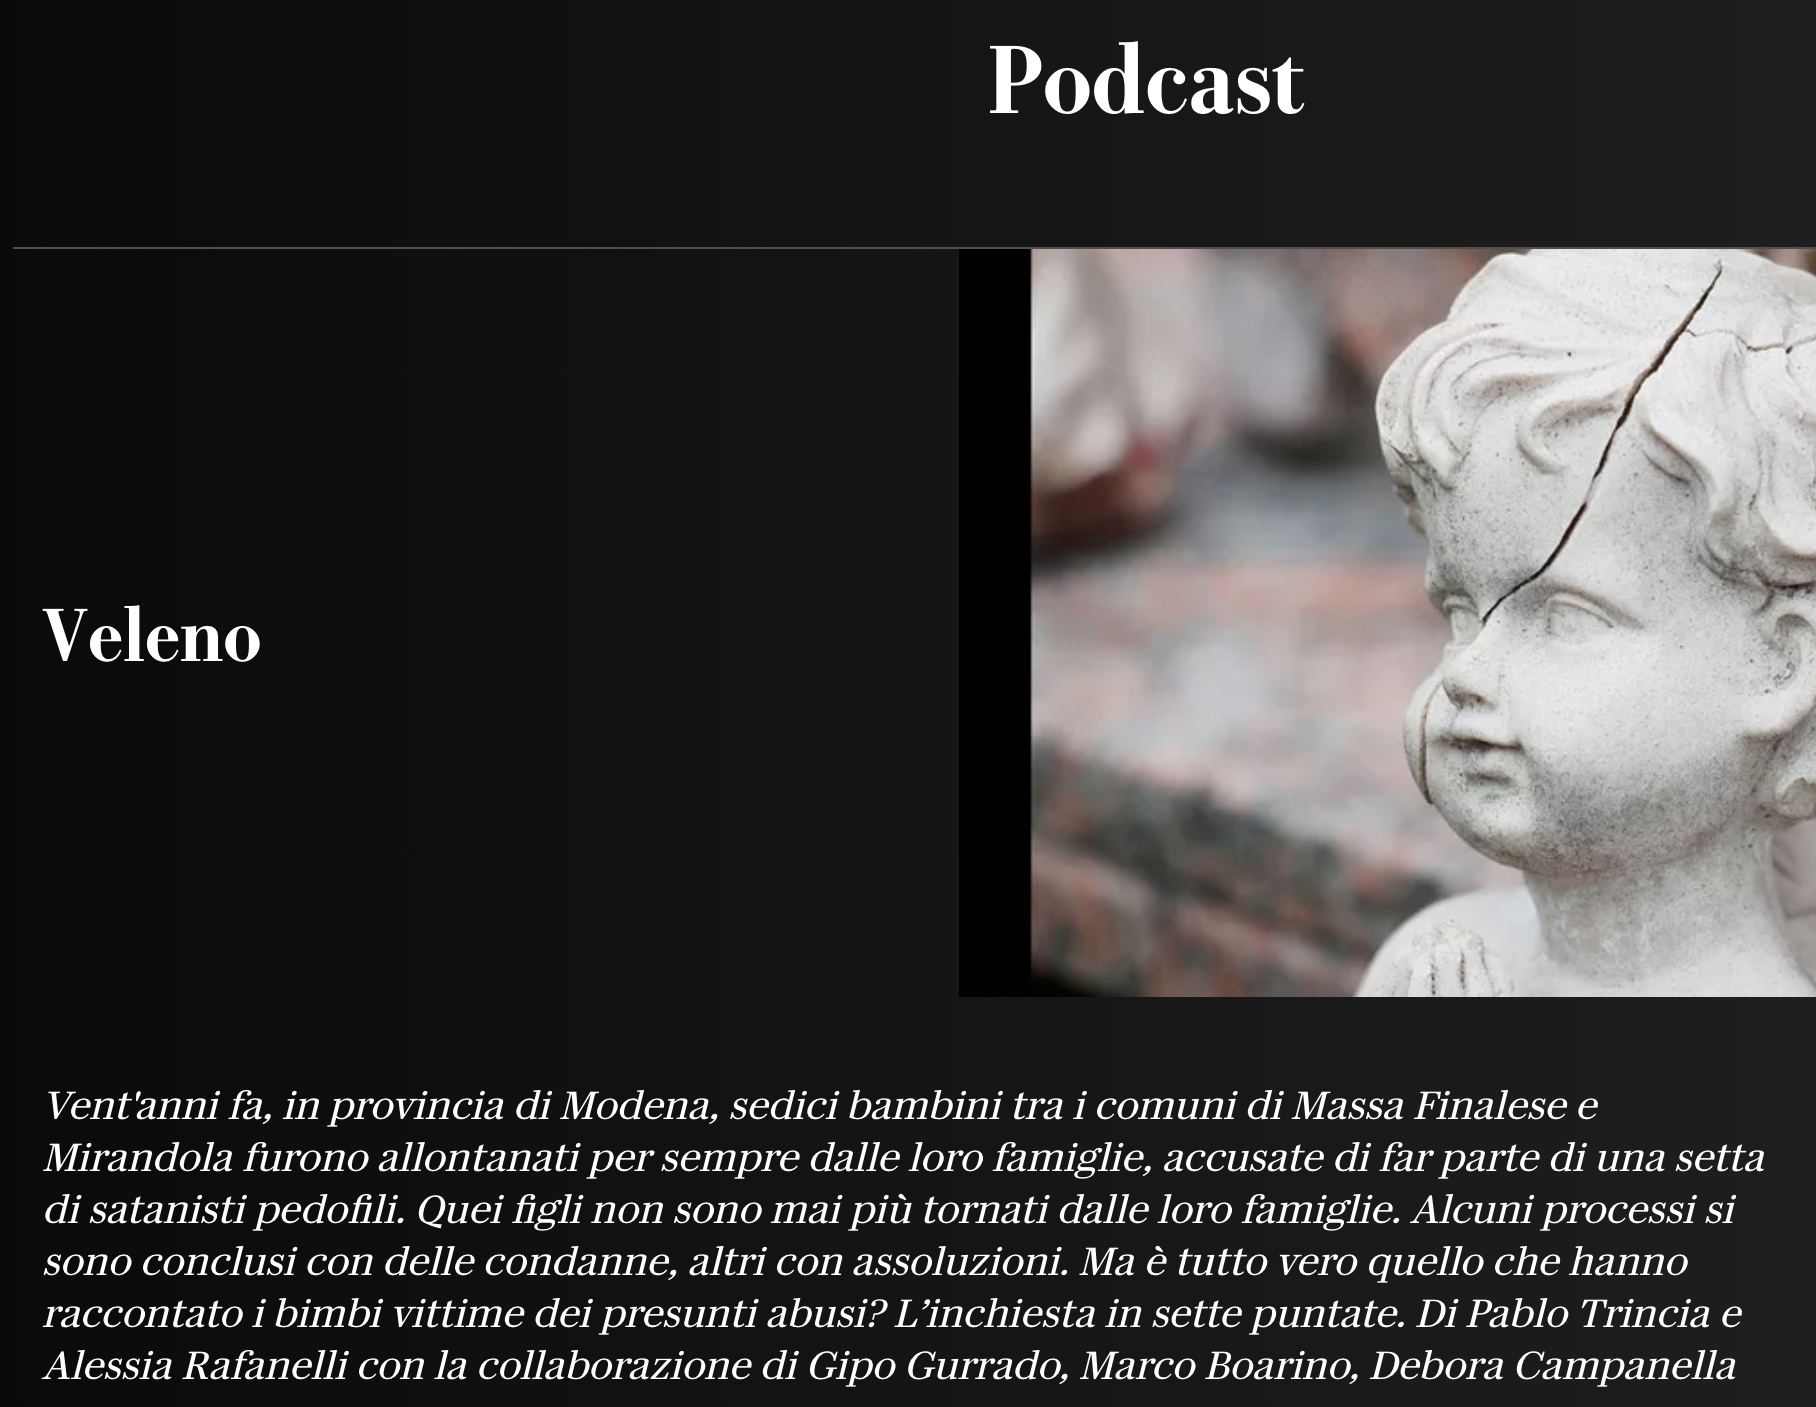 010 - veleno repubblica+